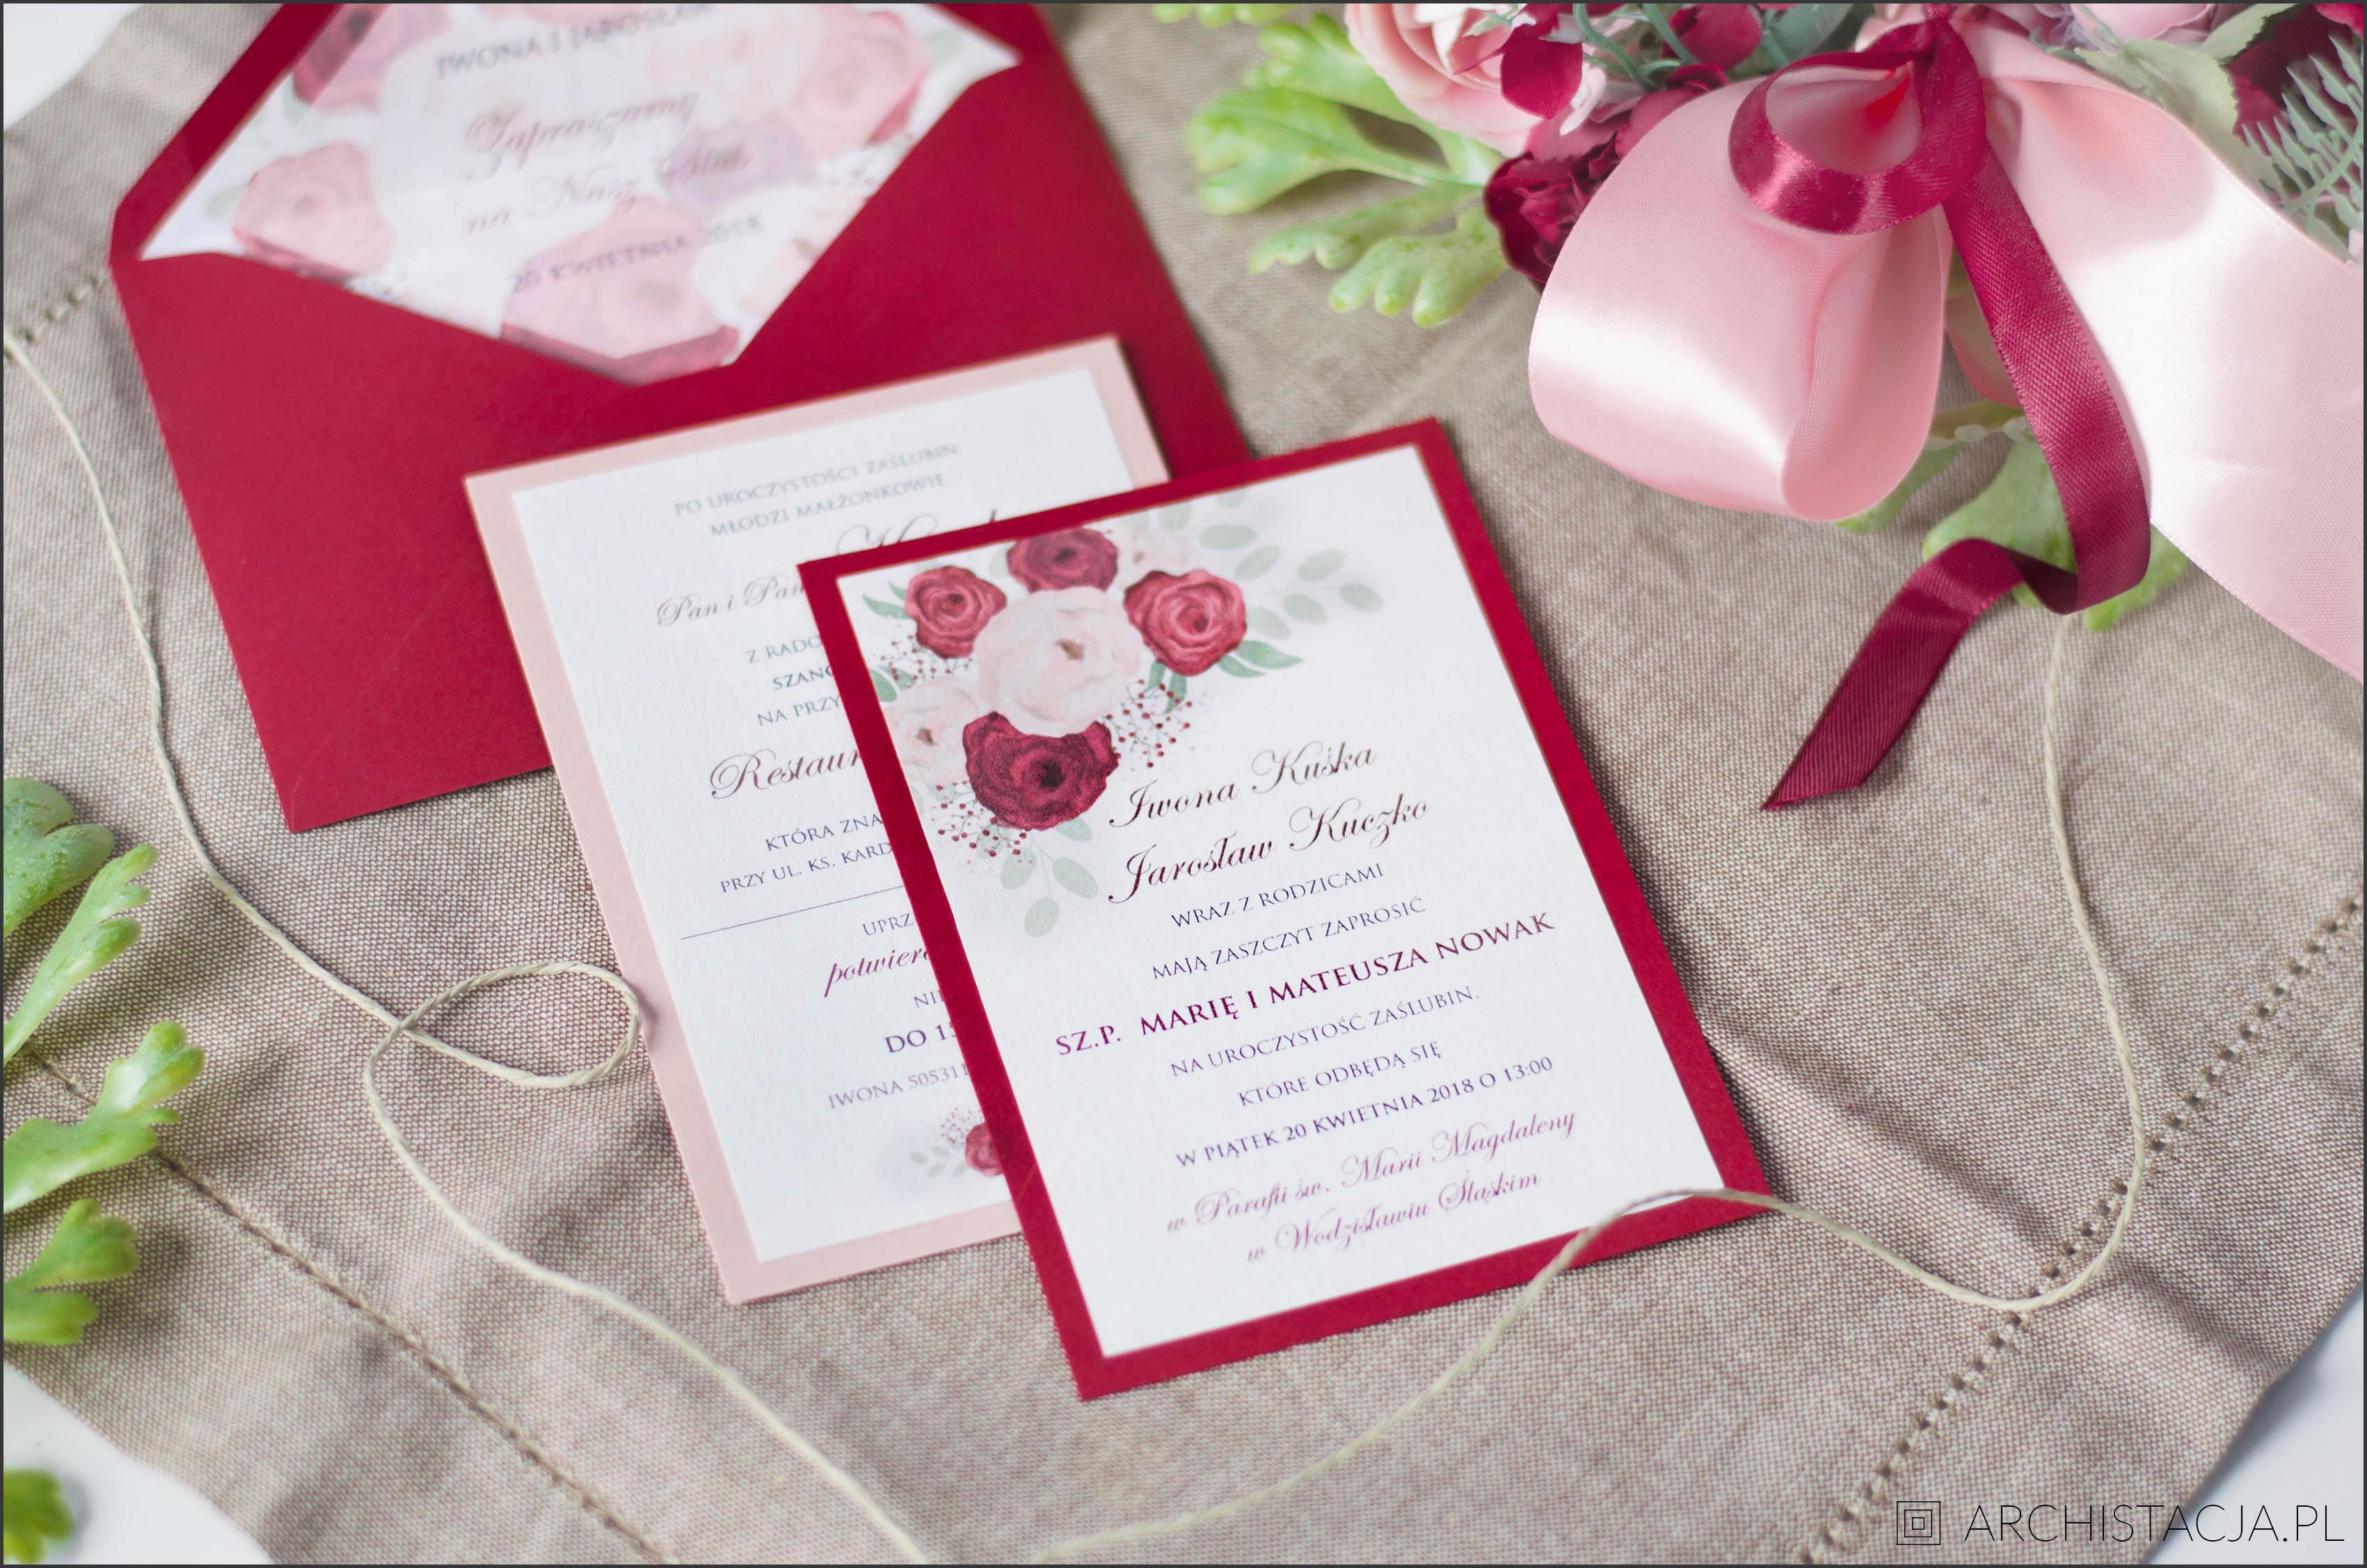 Zaproszenia ślubne Diy Archistacjapl